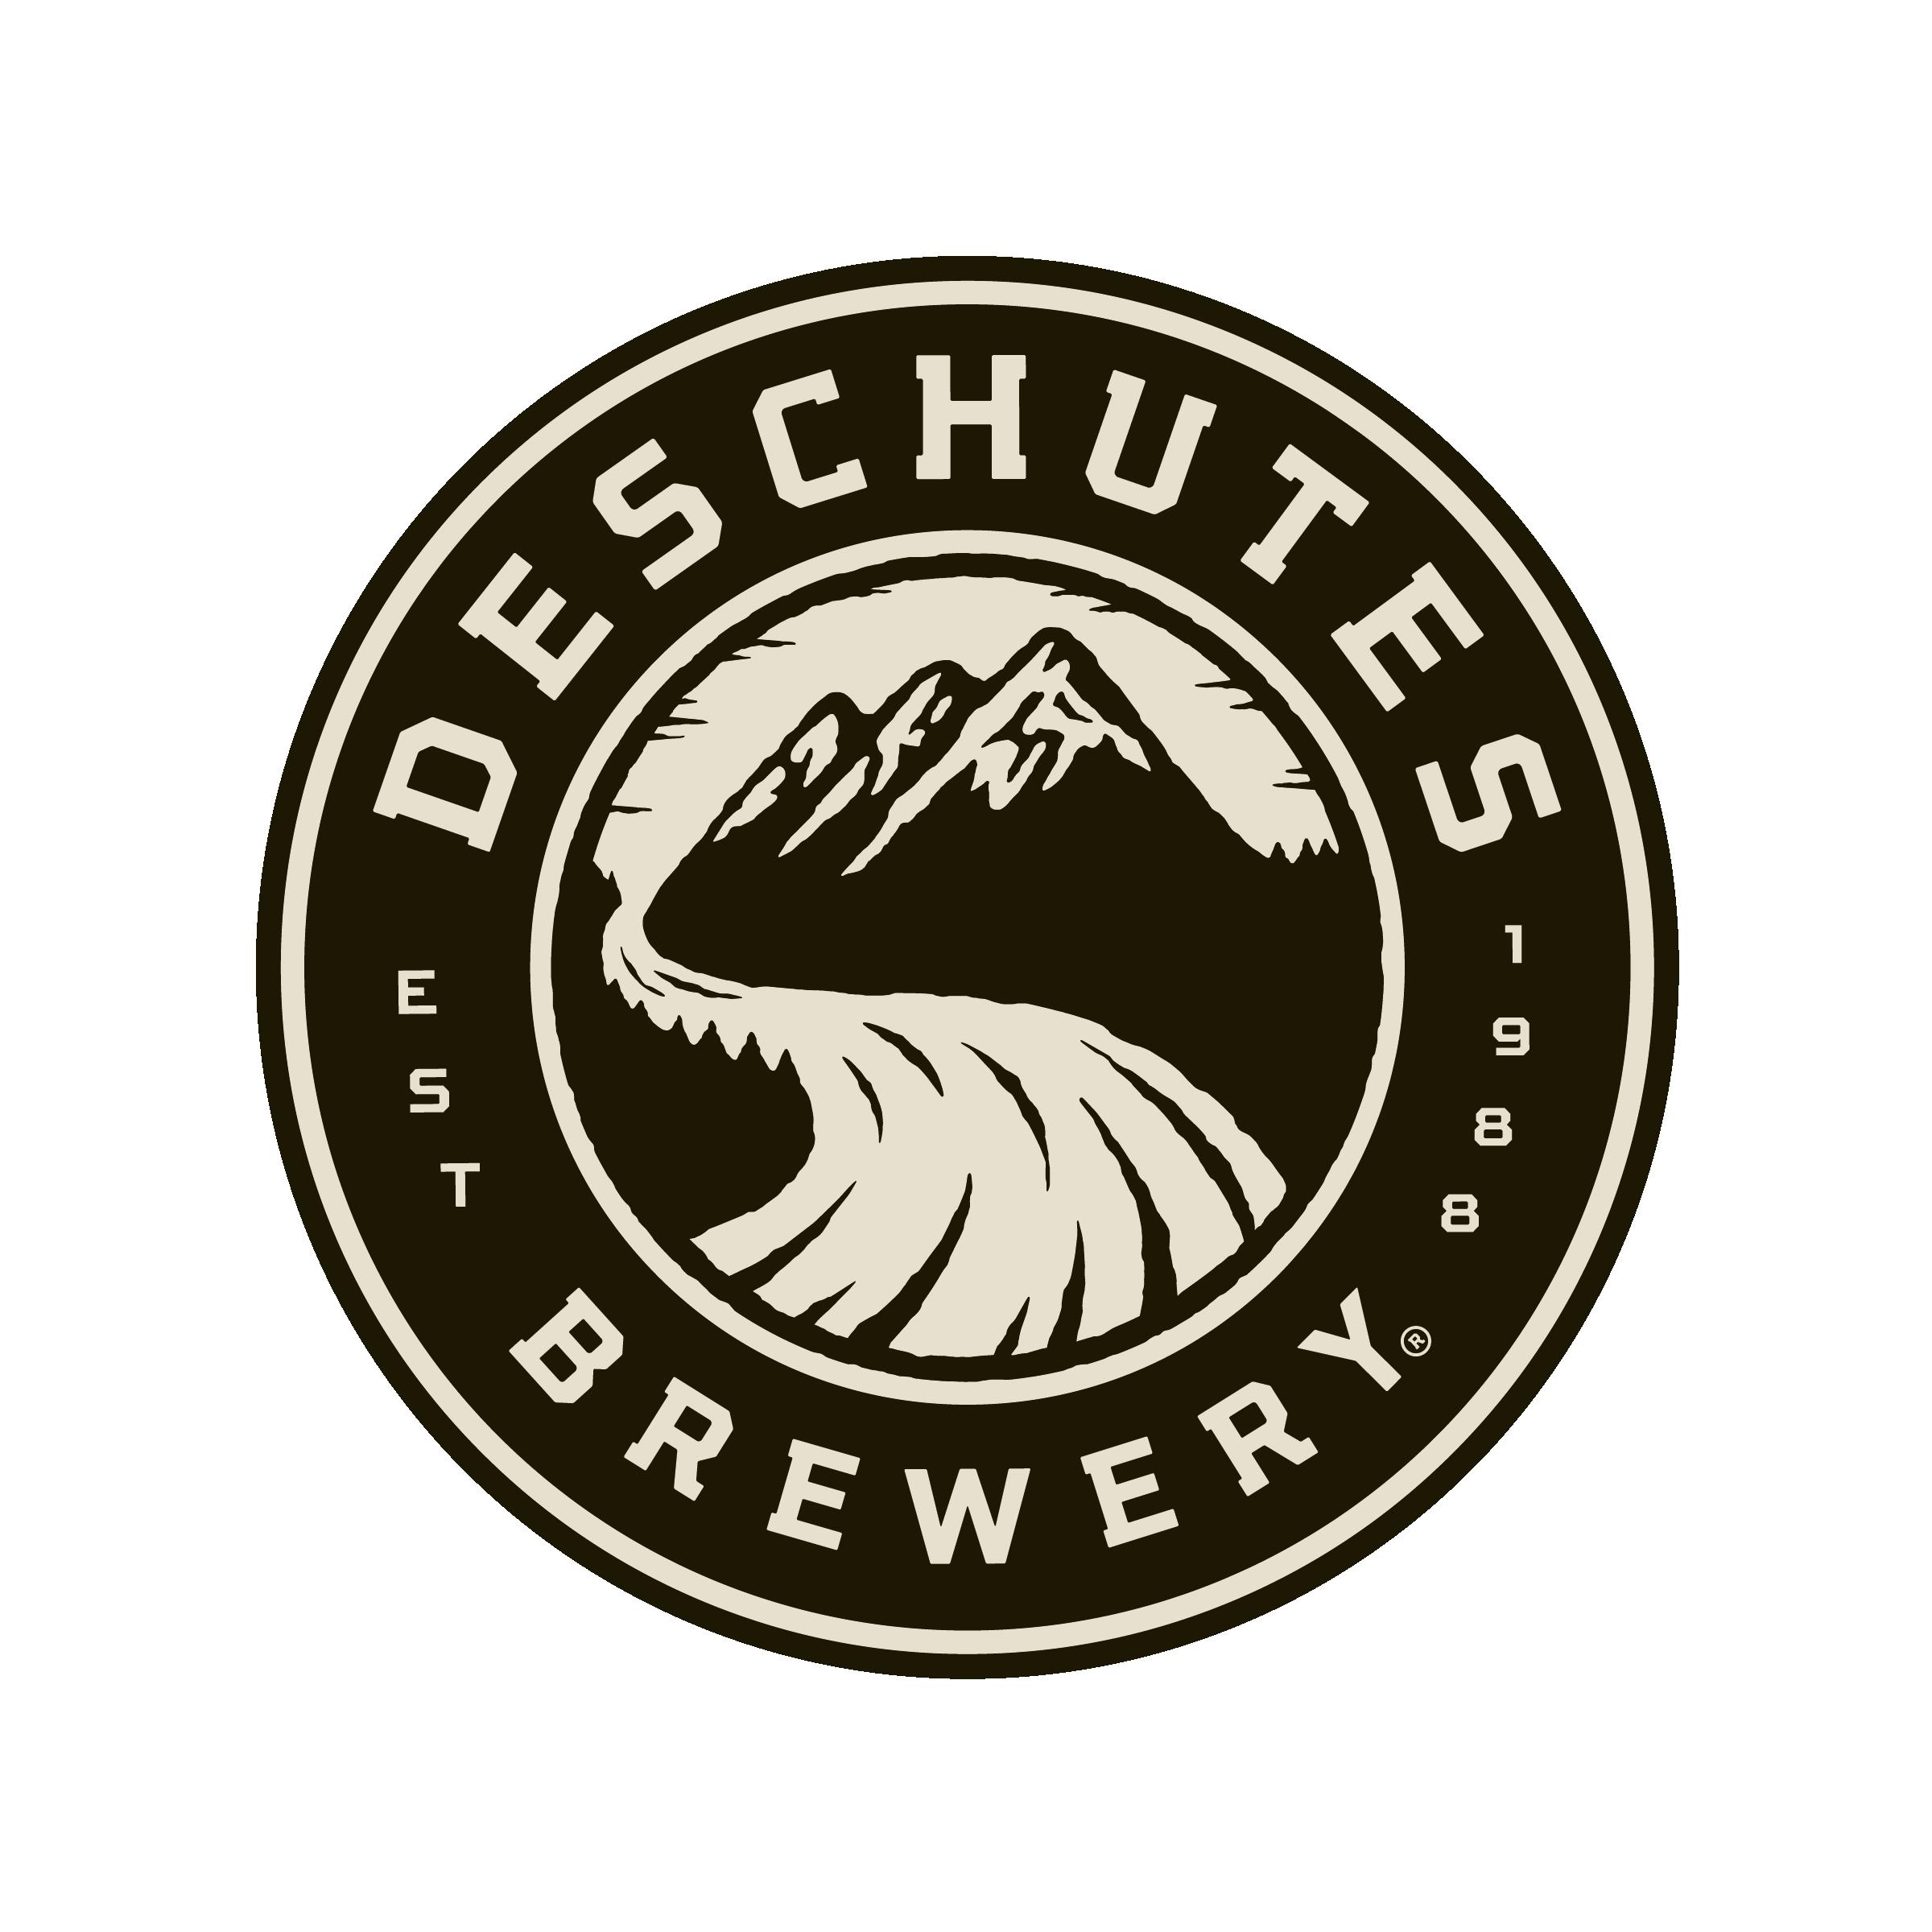 Deshutes Brewery